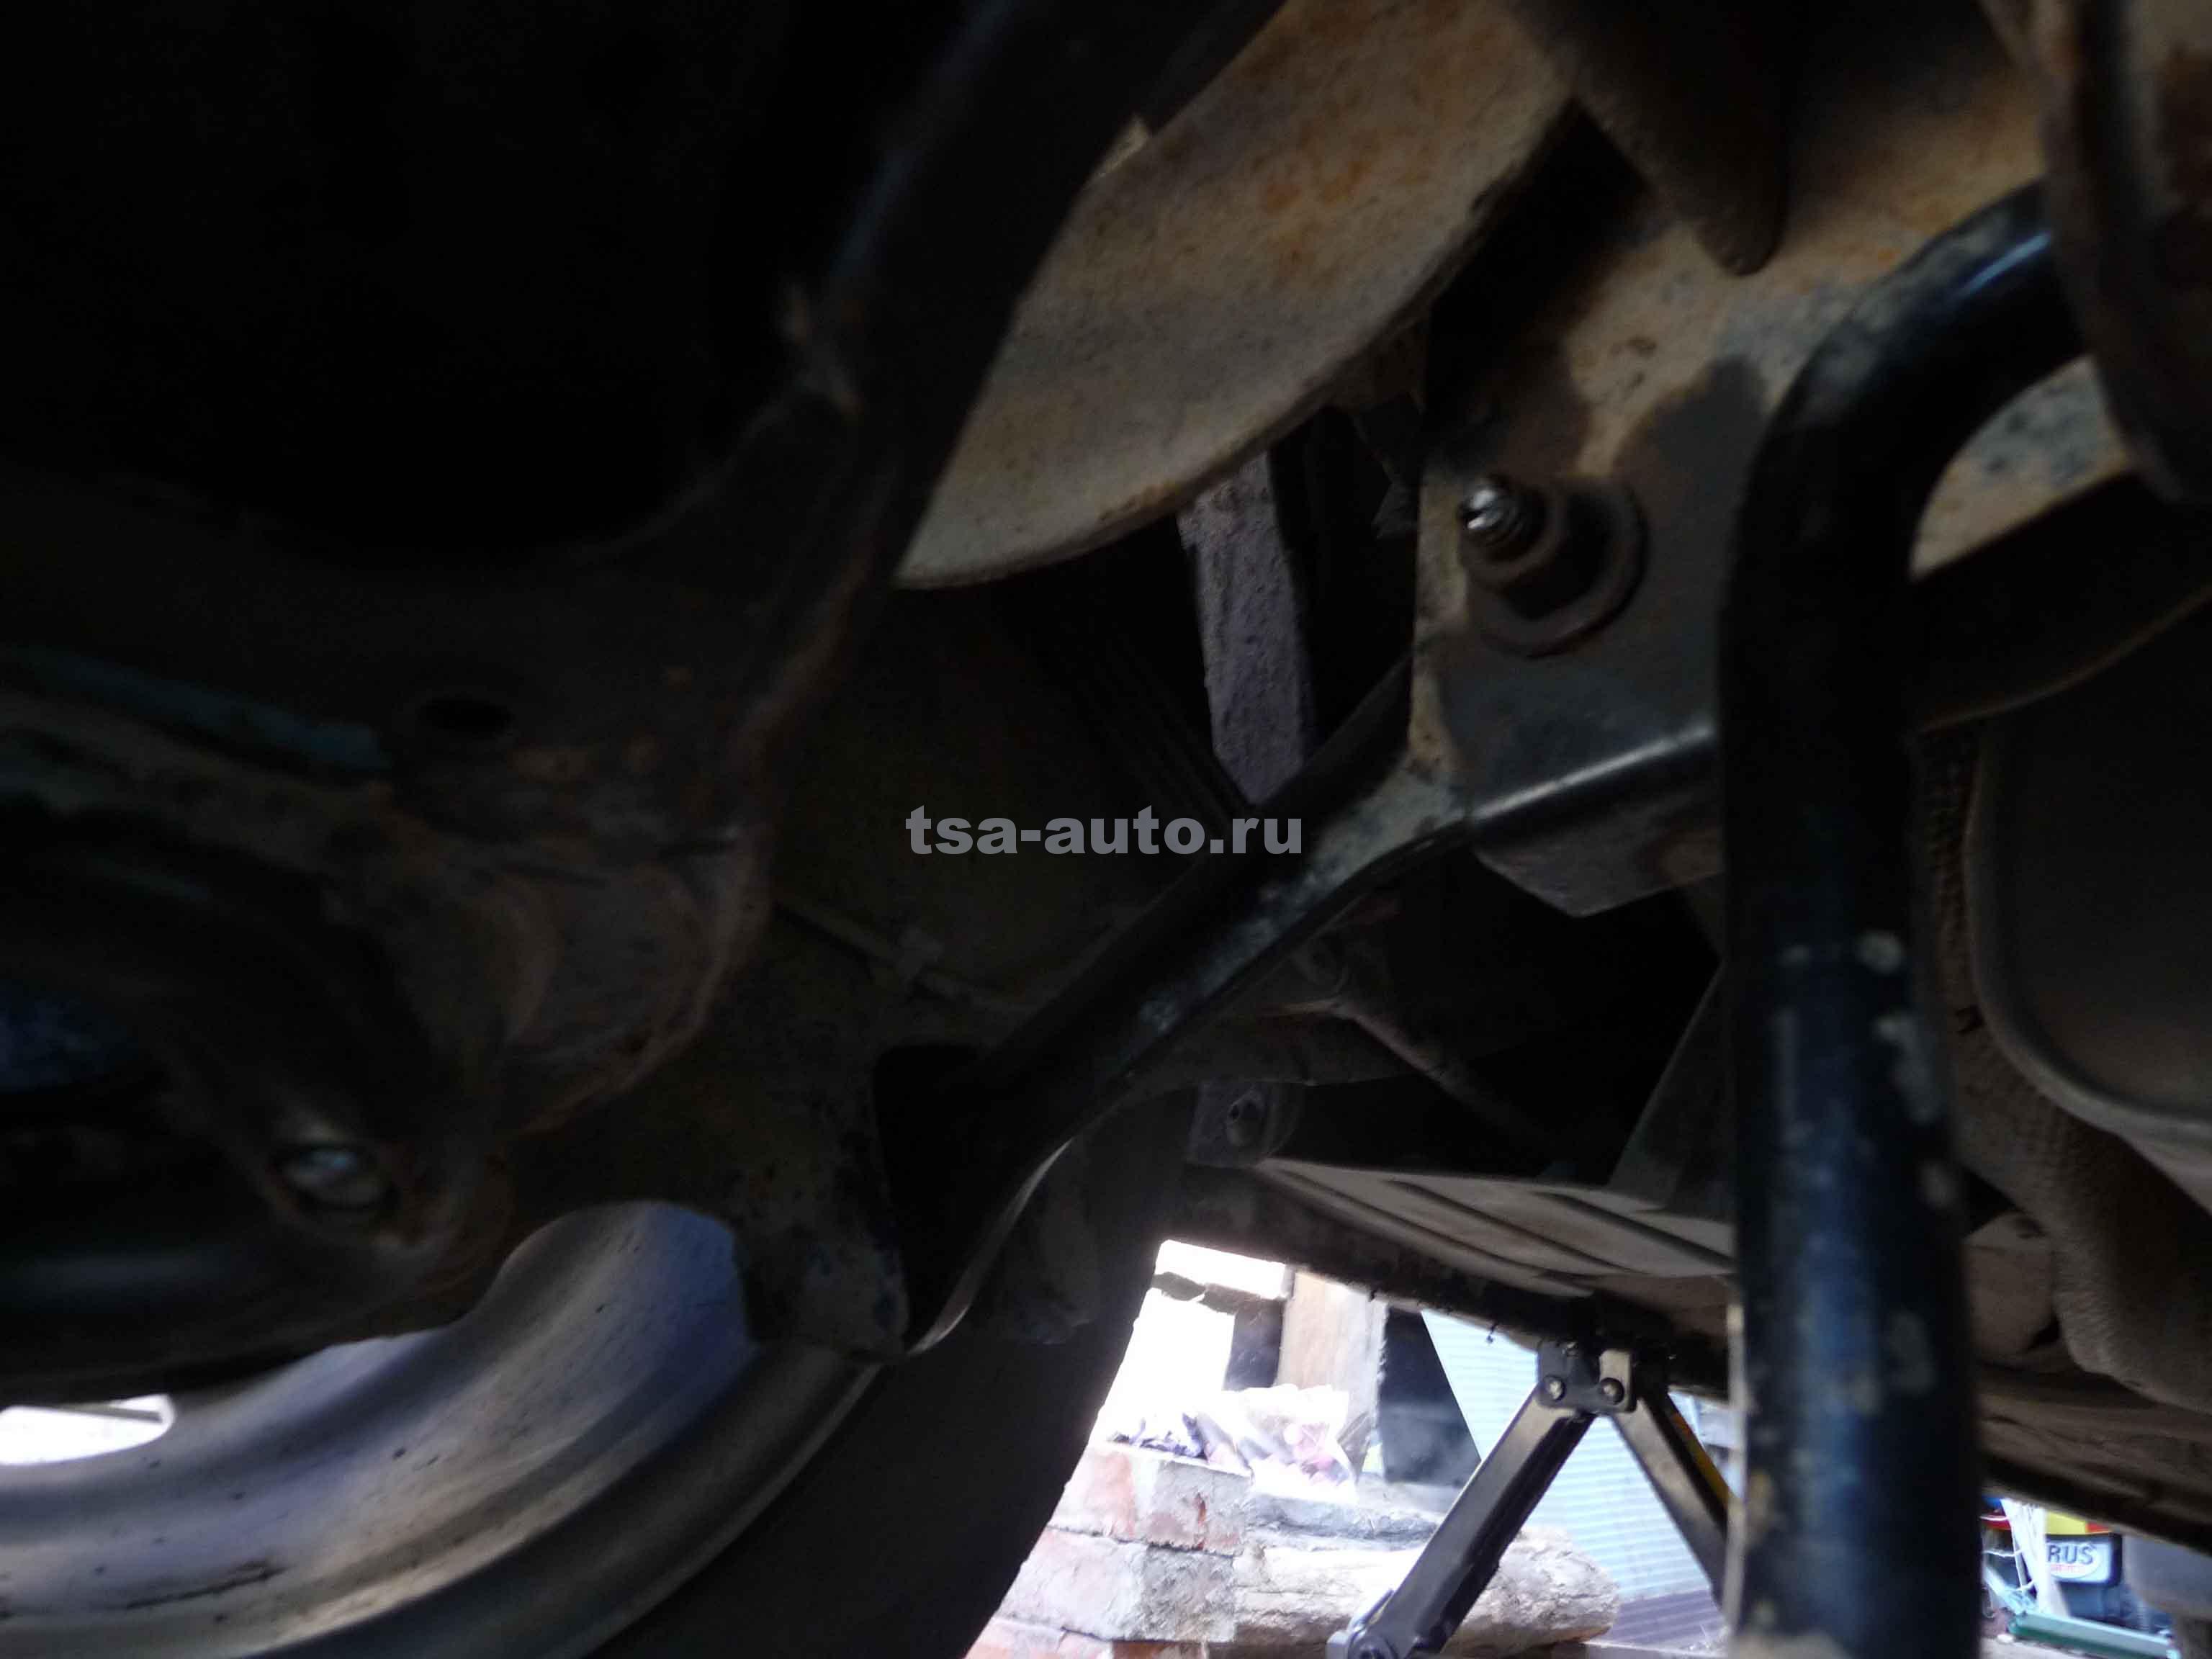 Установка задних рычагов на Форд Фокус 2